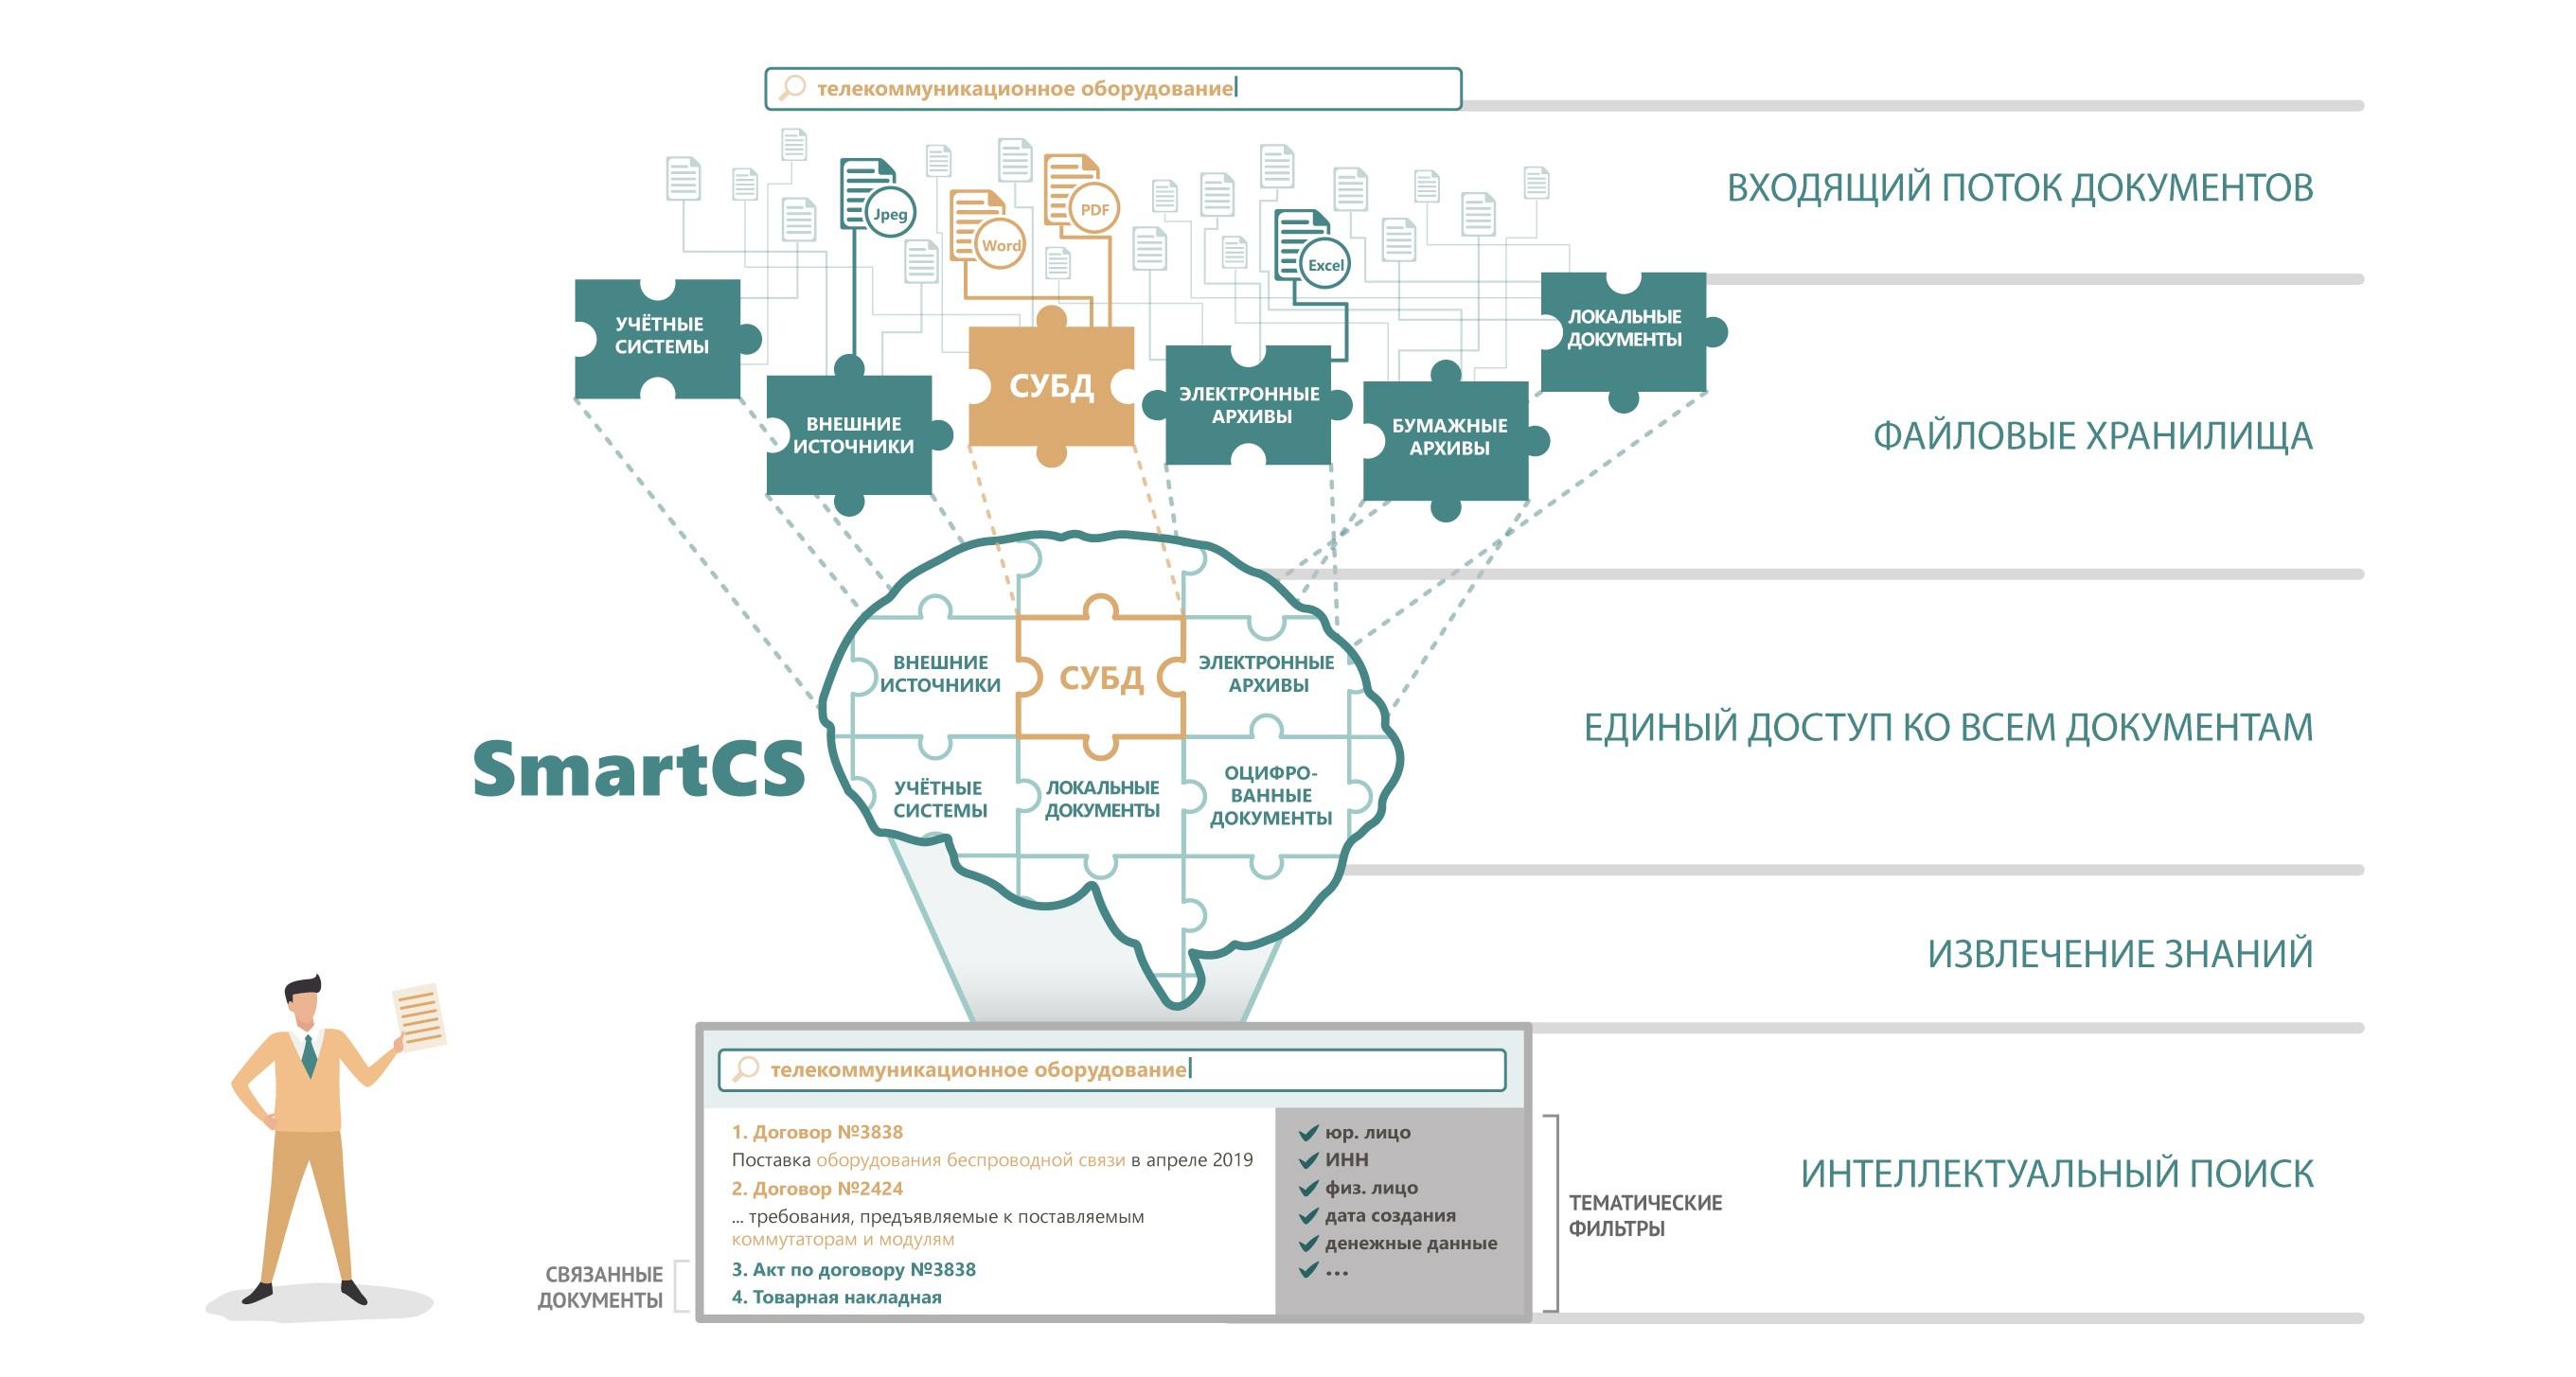 infografikasmartcsitogobratnayasvyaz169v1.jpg